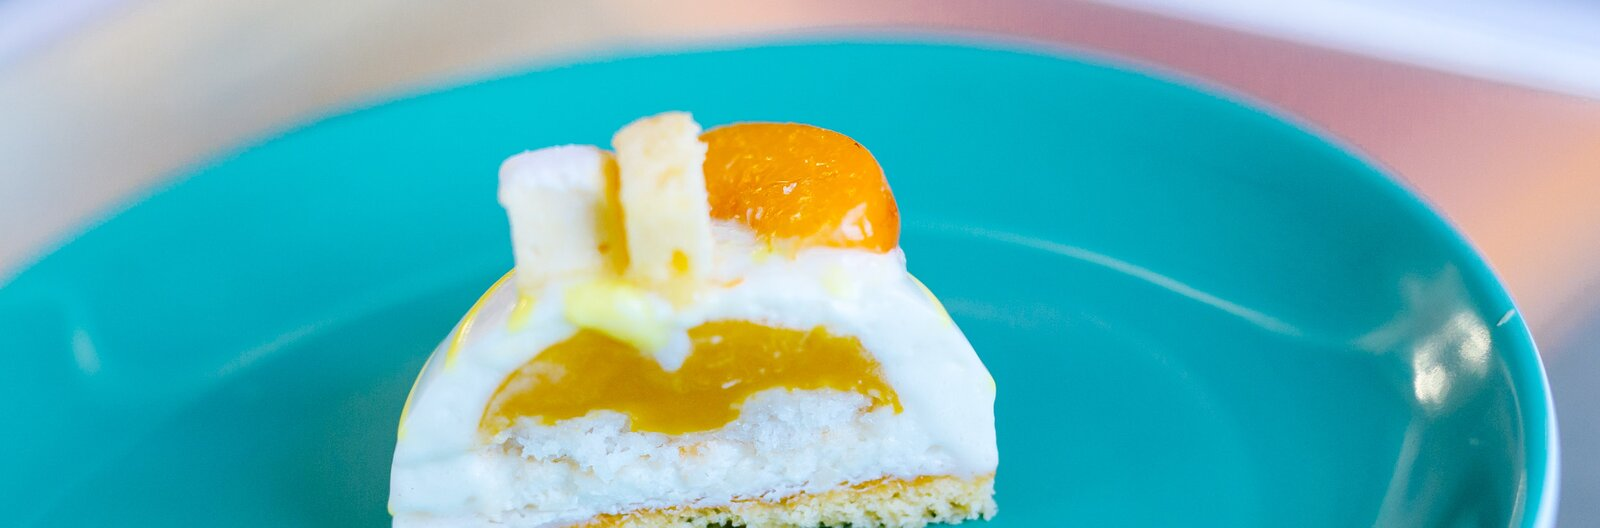 A nyár legjobb könnyed süteményei Budapest menő cukrászdáiban